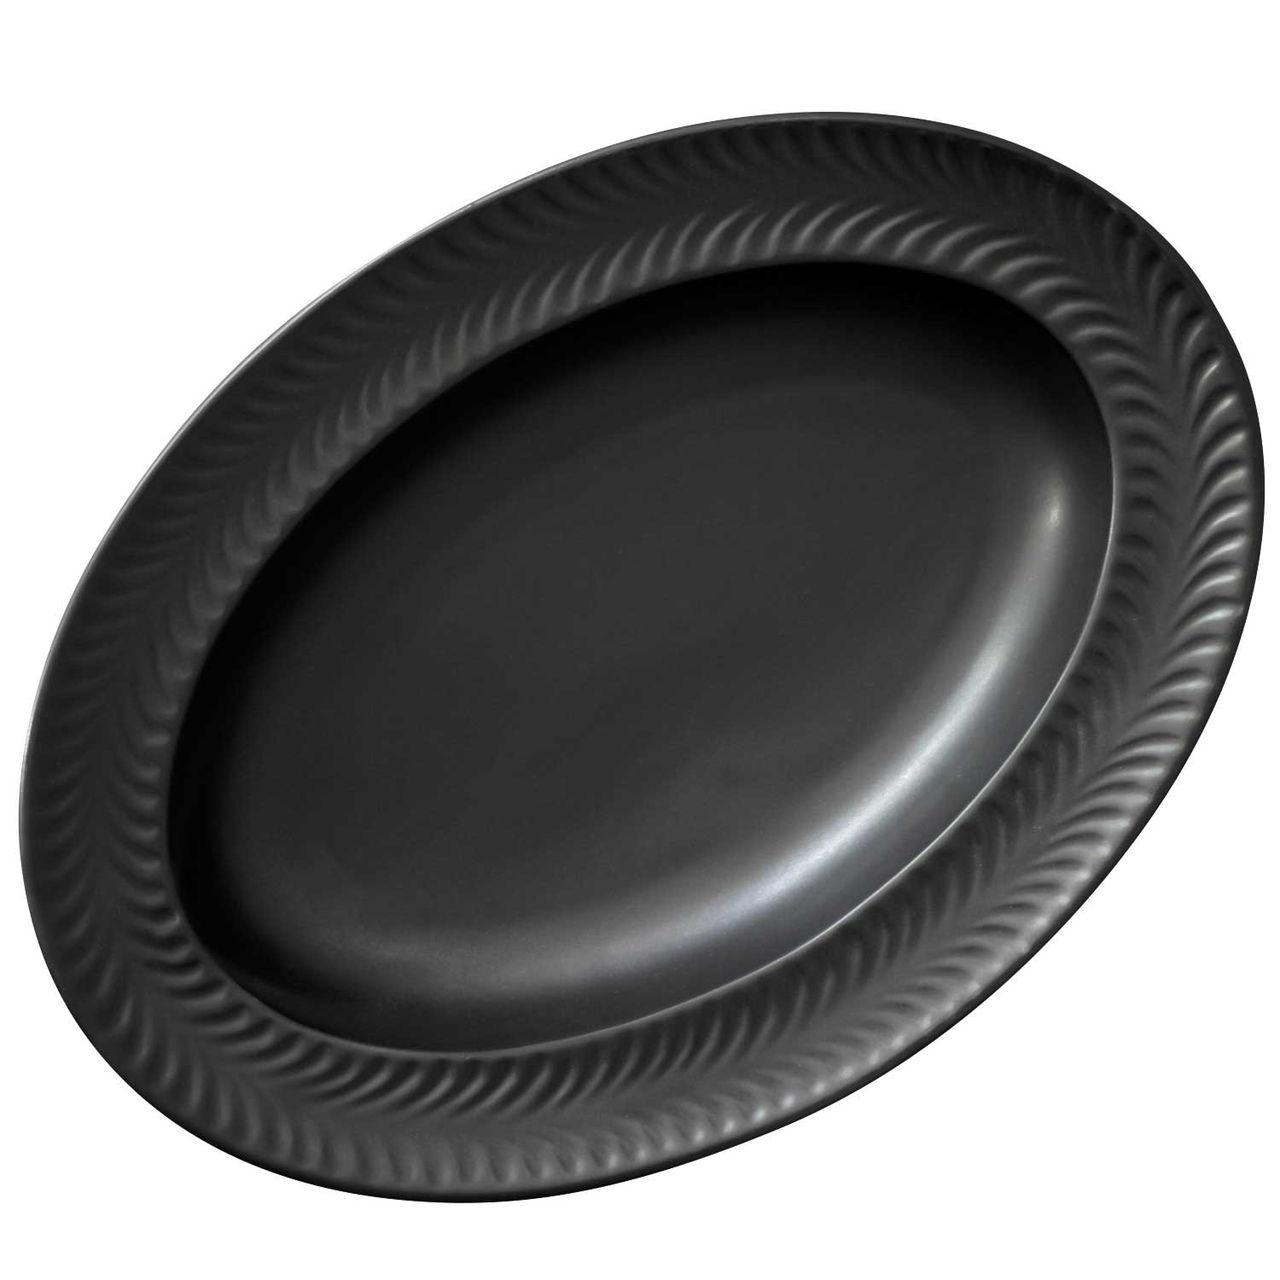 波佐見焼 翔芳窯 ローズマリー リムオーバル 皿 約27×19cm マットブラック